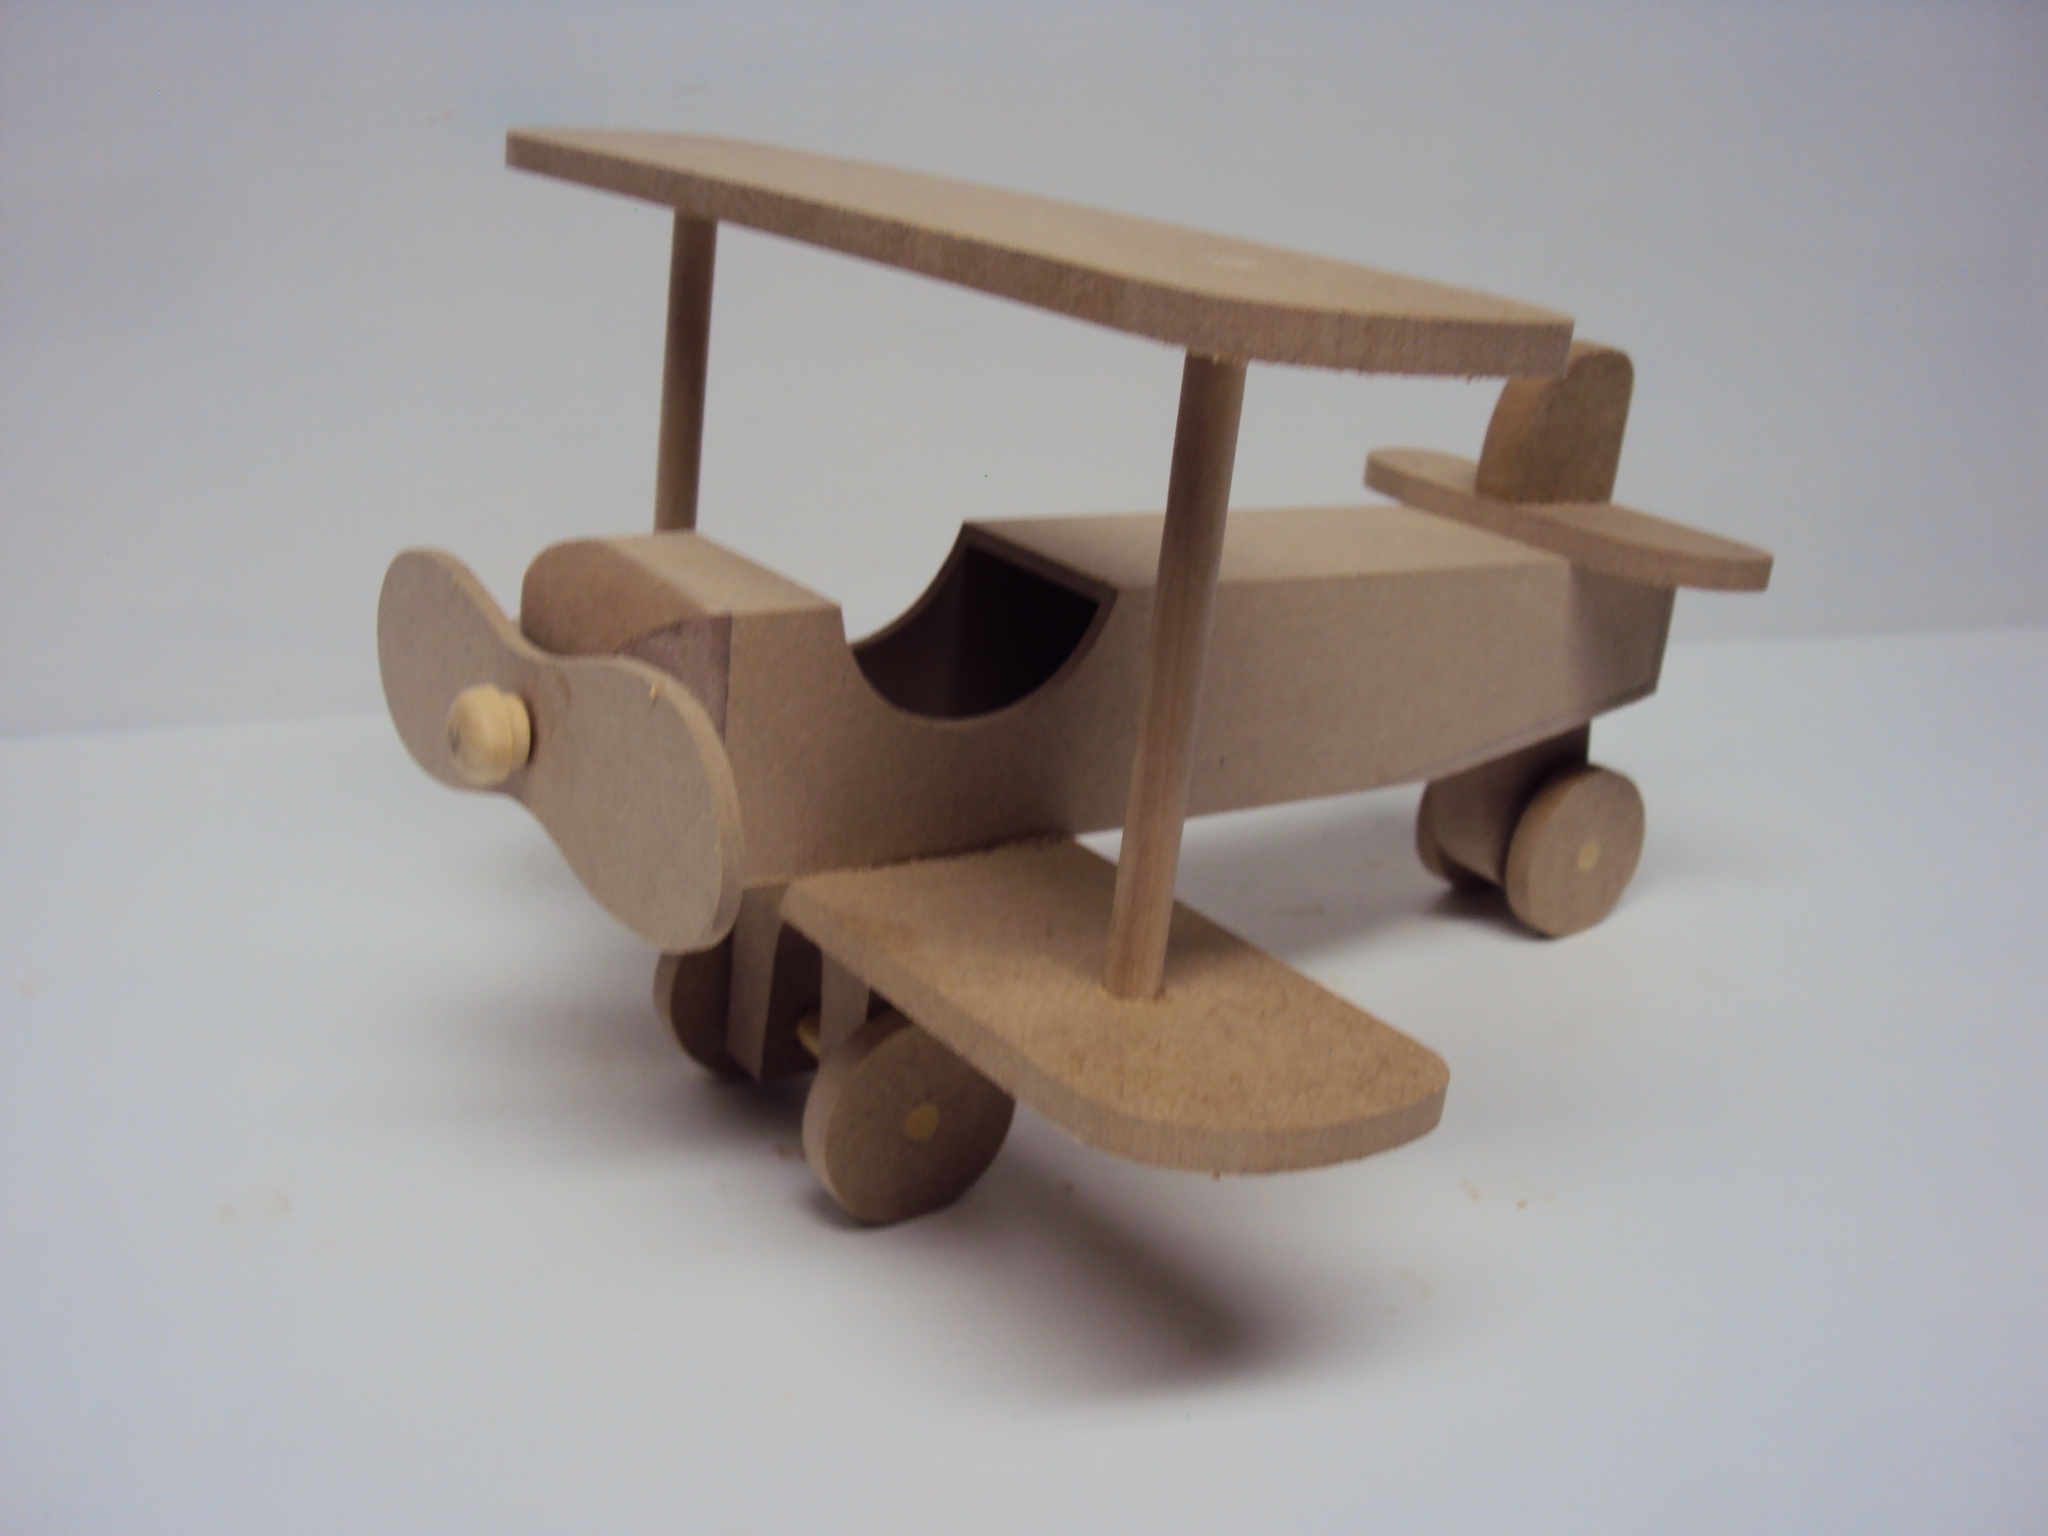 aviao de madeira enfeite mesa 22 cm enfeite de mesa #3A2823 2048x1536